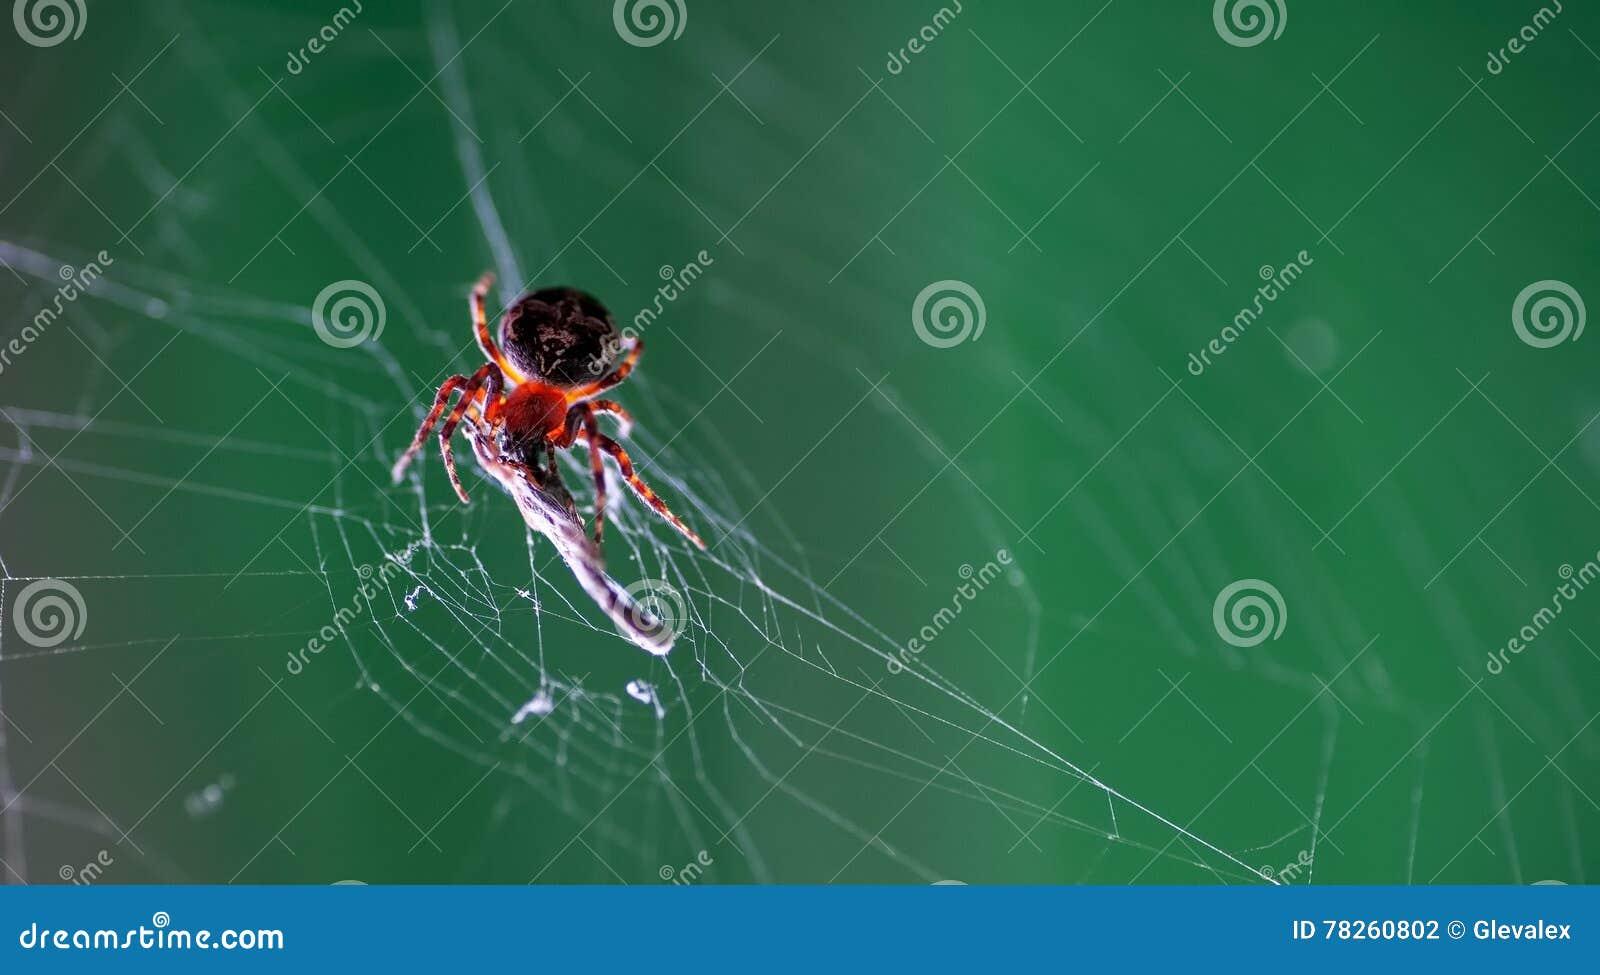 Αράχνη στον Ιστό του που τρώει κάποιο έντομο